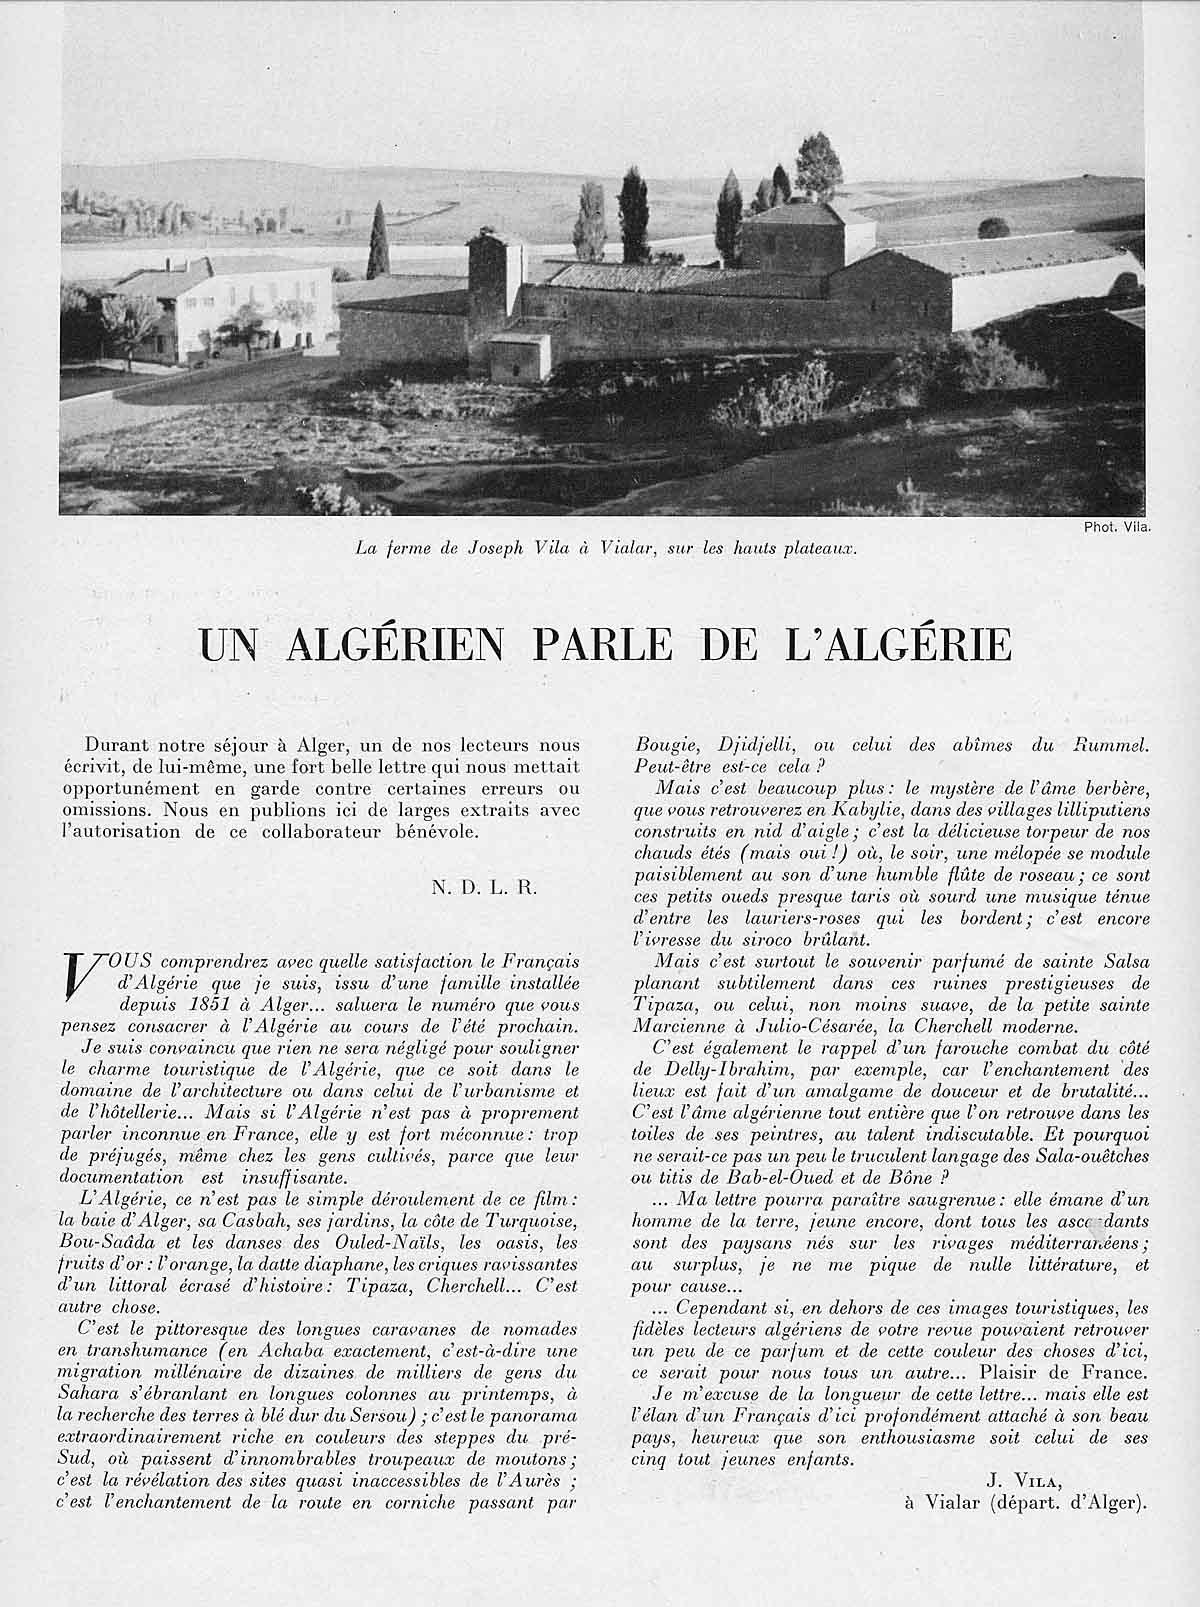 L'Algérie par J. Vila